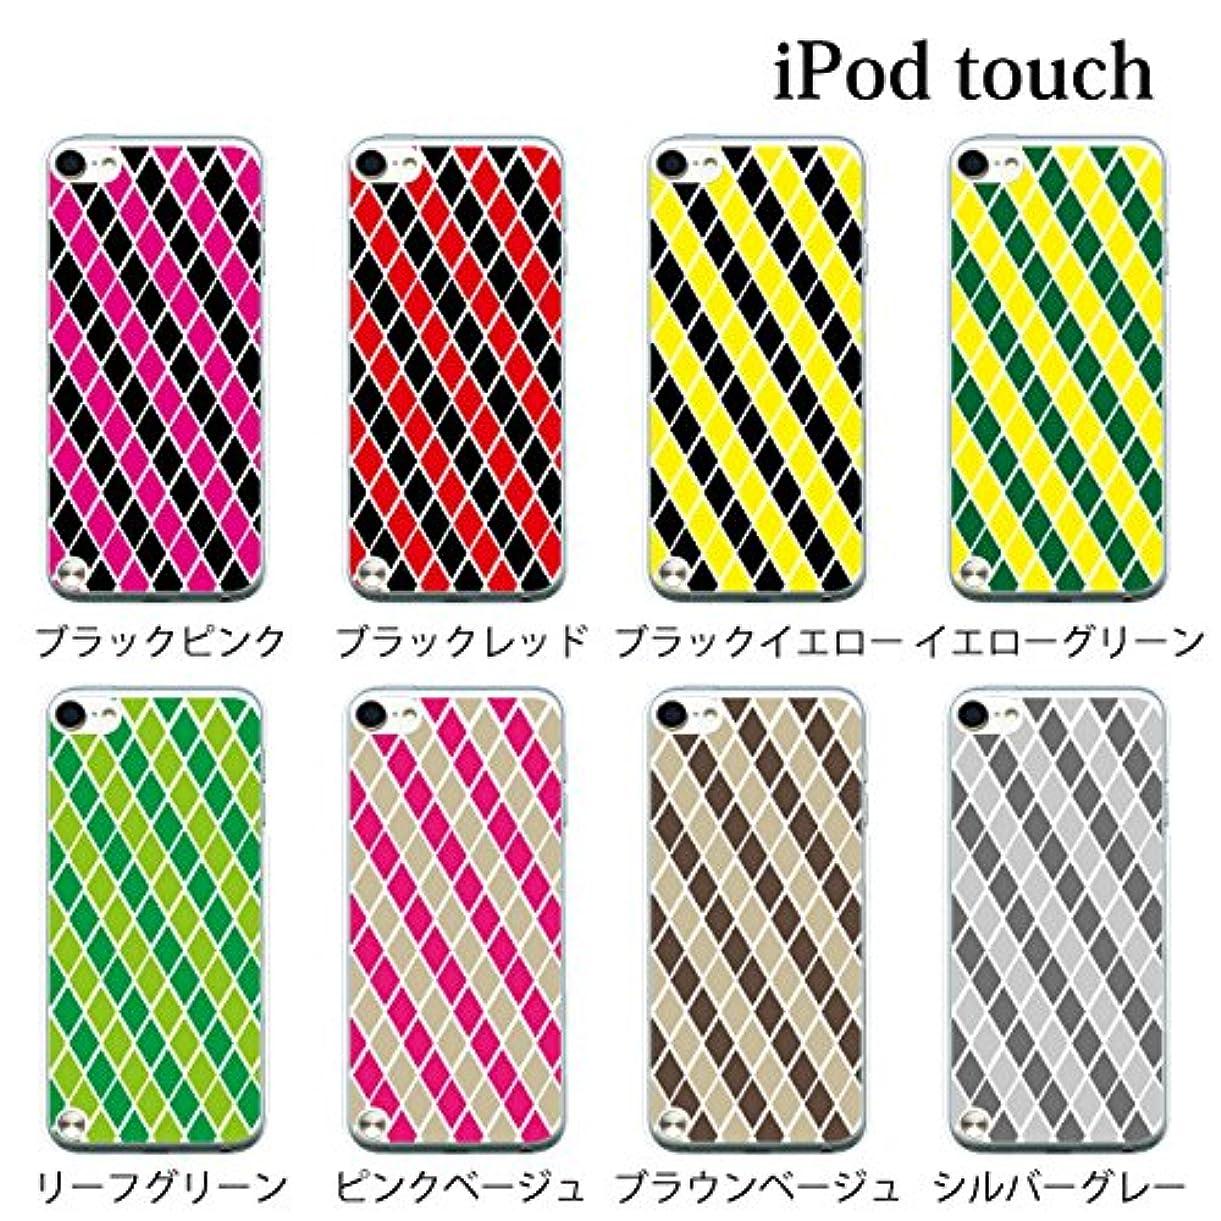 の慈悲で学校影響Plus-S iPod touch 第6?第7世代 ケース アーガイルチェック 【ブラックイエロー】 ハードケース クリア 0114-BKYW